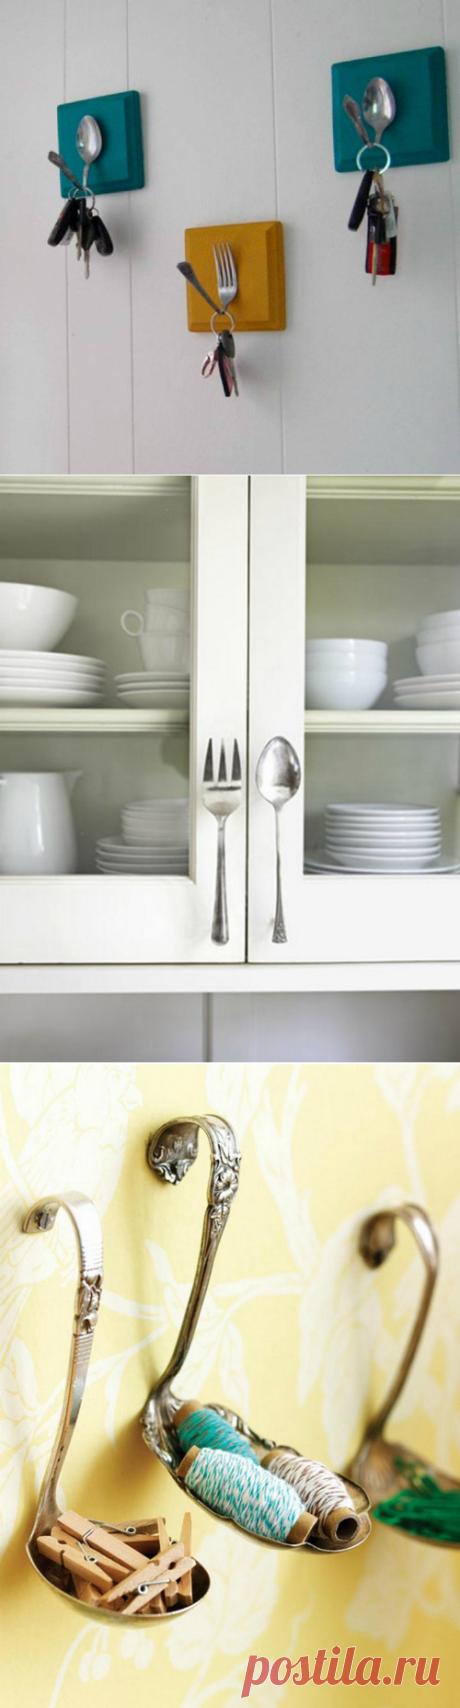 Декор своими руками: 20 необычных деталей, которые украсят интерьер квартиры